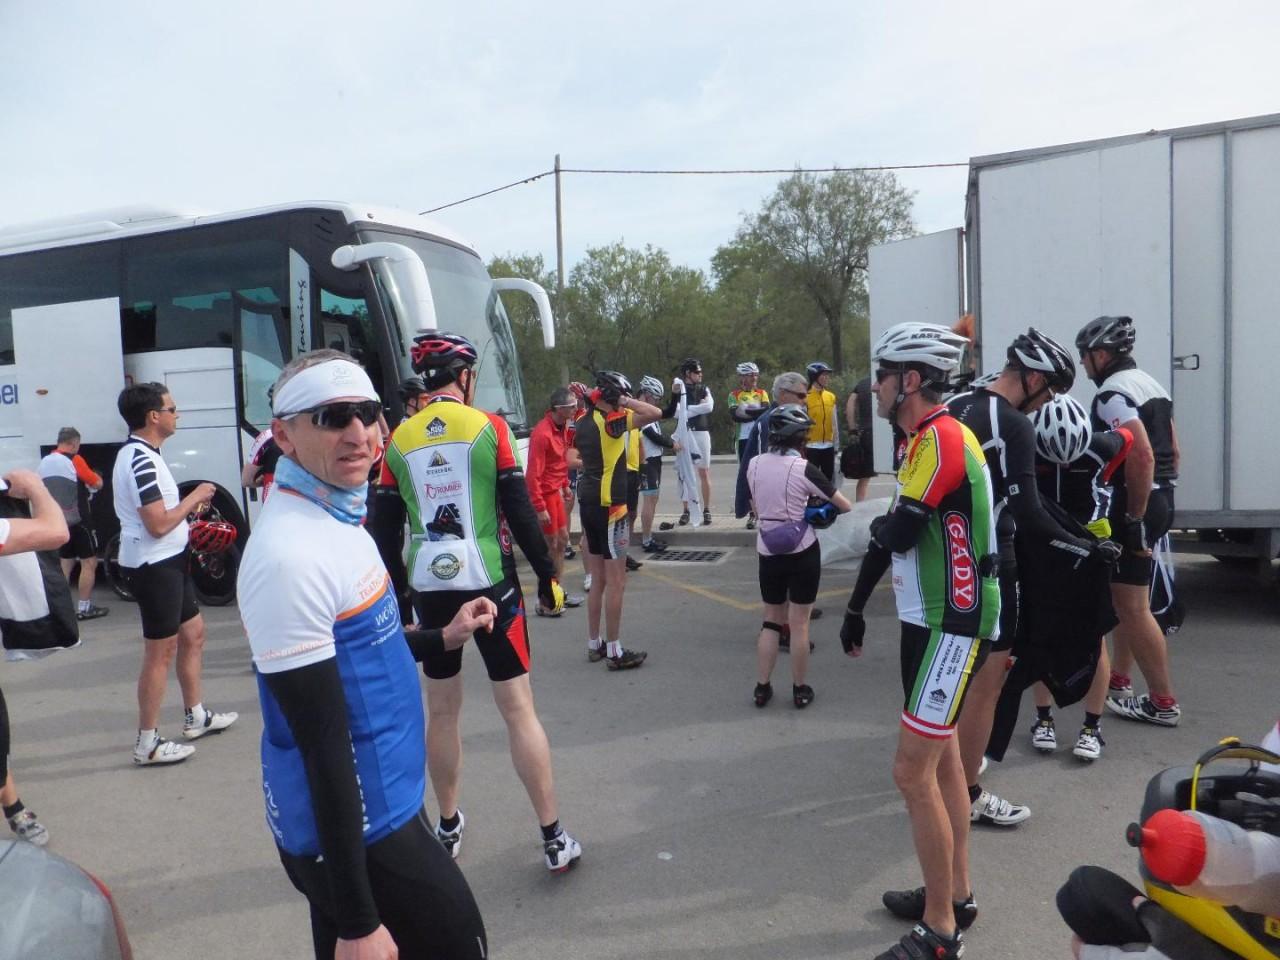 Port Andratx, Ankunft der Busse, Ausladen der Räder